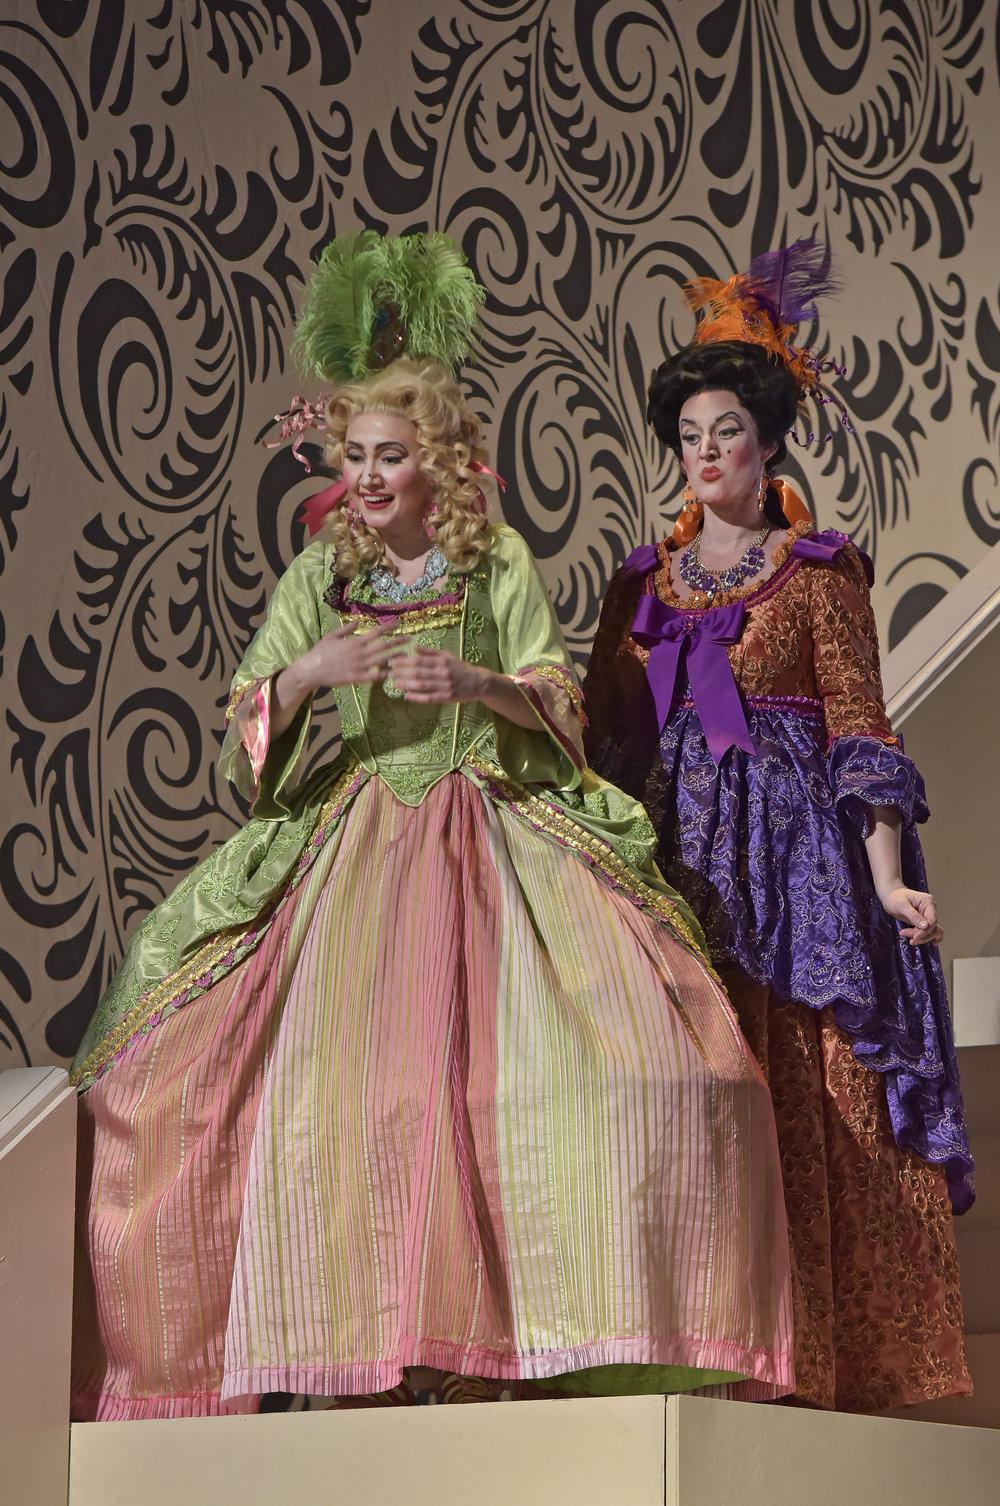 Opera_Saratoga_GG62567.jpg